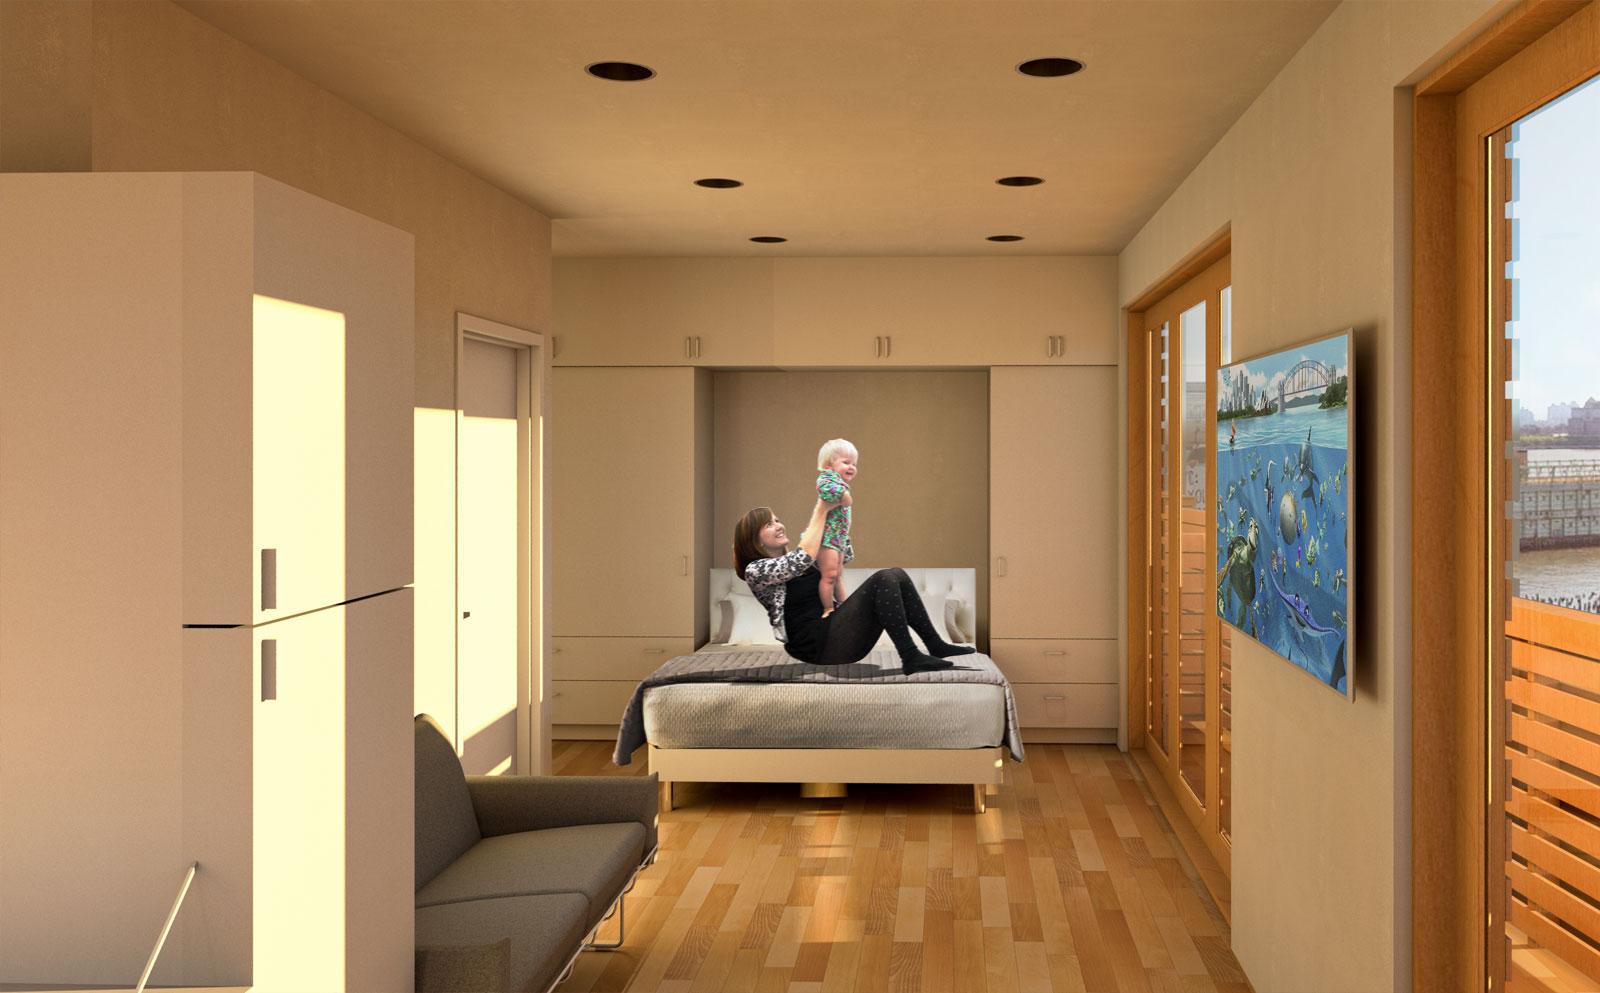 Multi-purpose space as bedroom